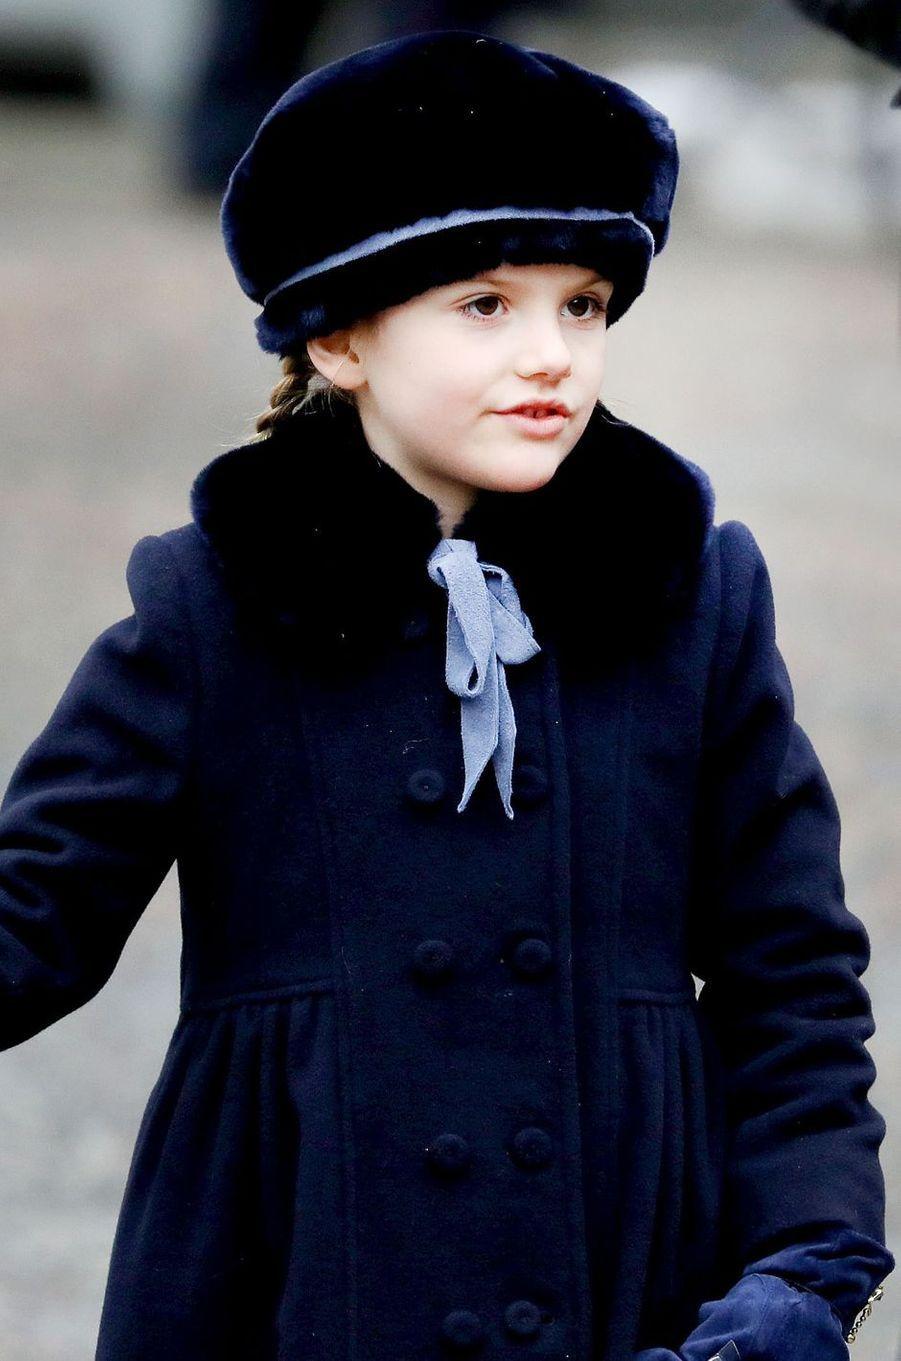 La princesse Estelle de Suède à Stockholm, le 12 mars 2018